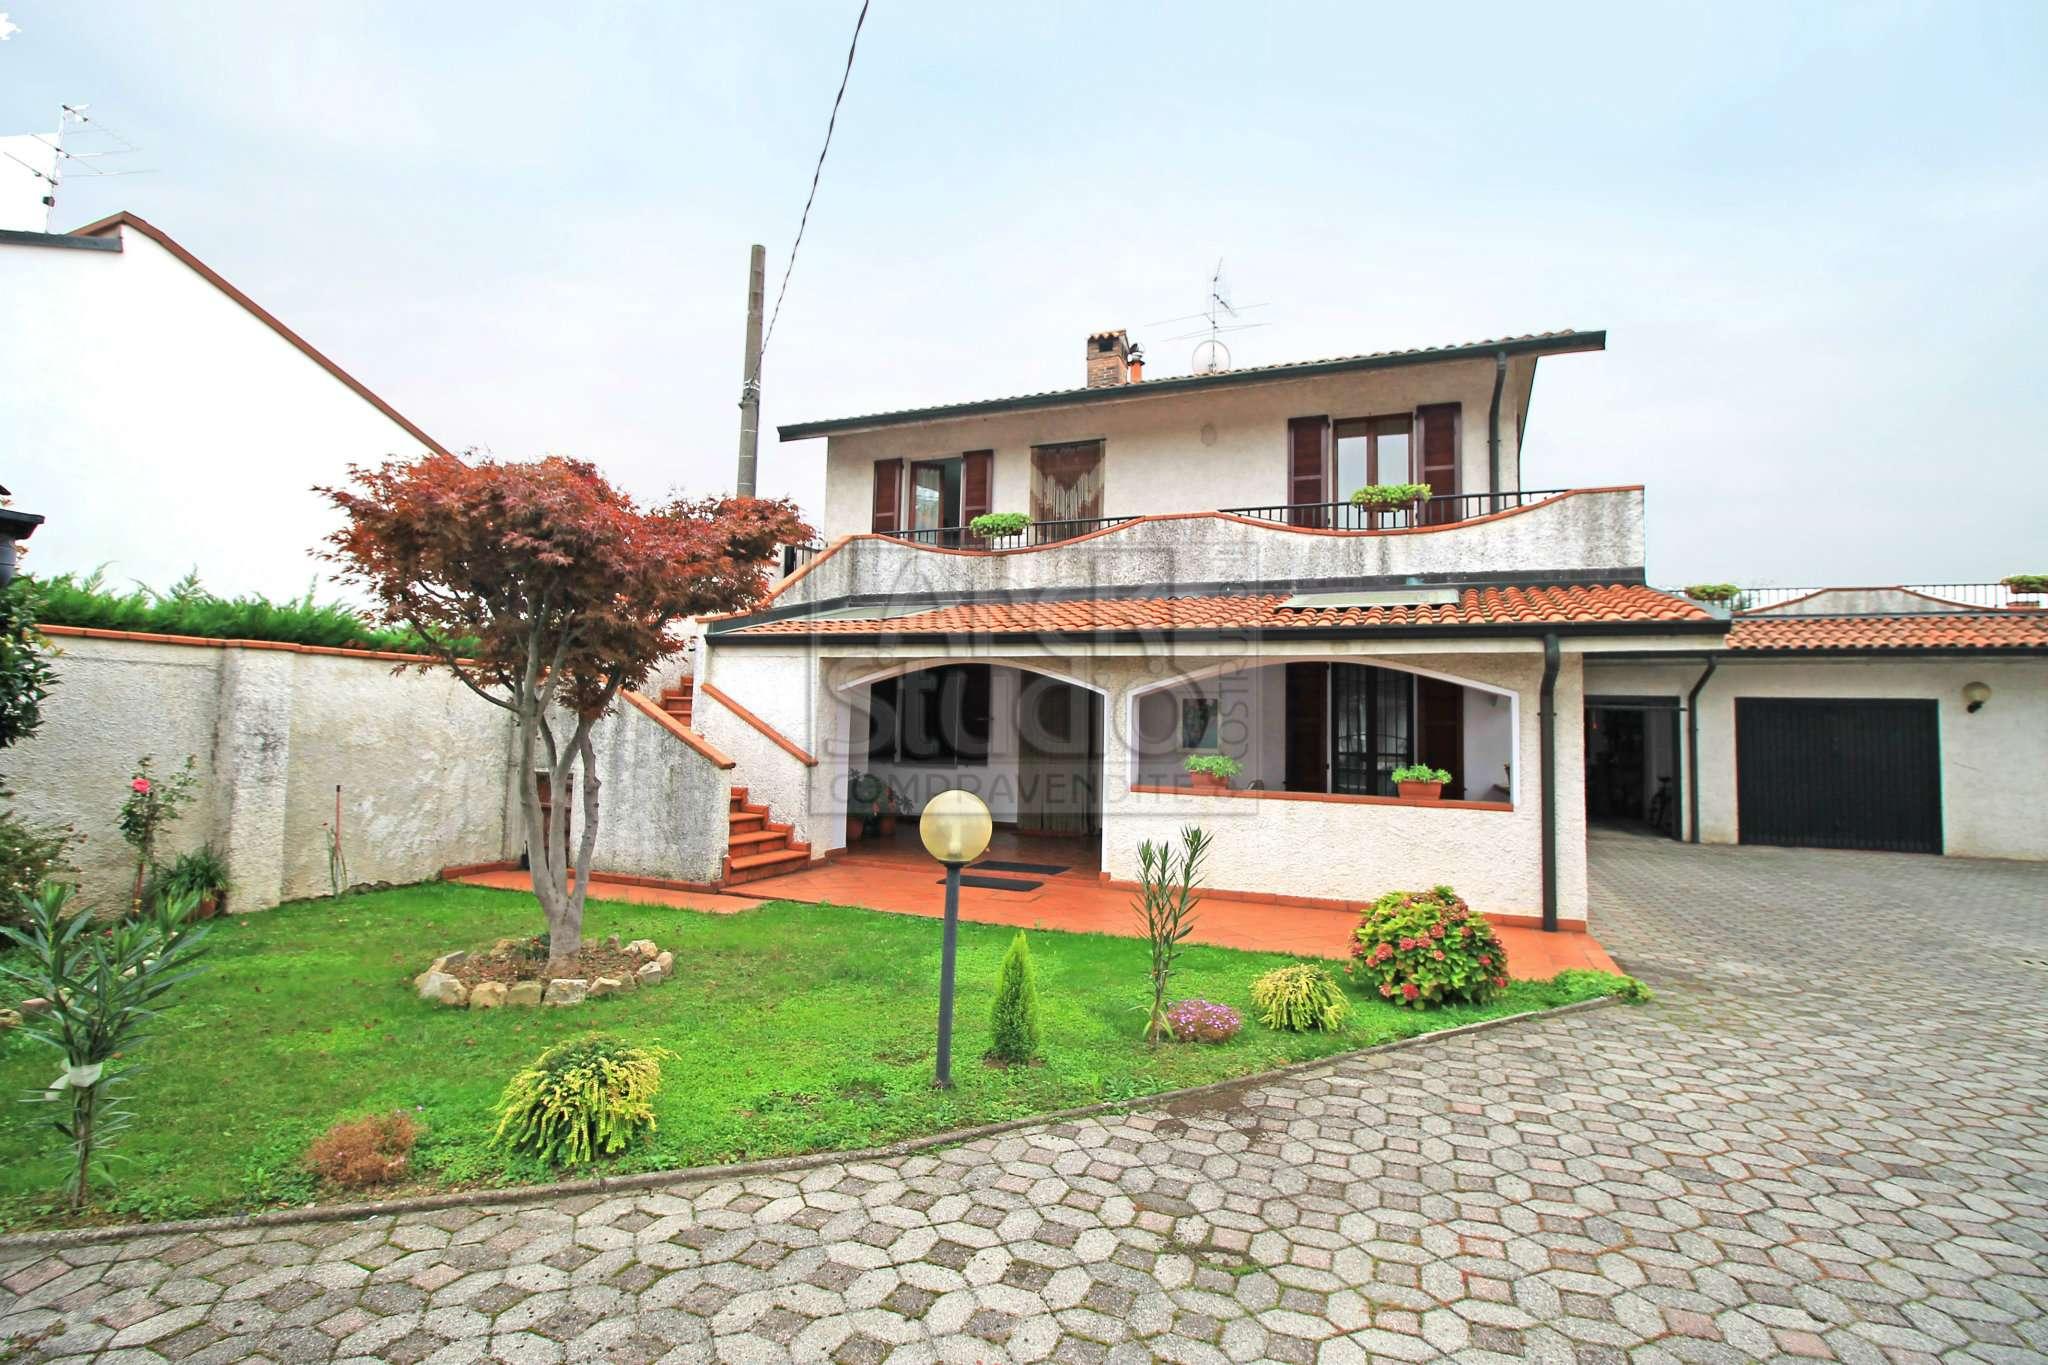 Soluzione Indipendente in vendita a Cassano d'Adda, 3 locali, prezzo € 240.000 | CambioCasa.it